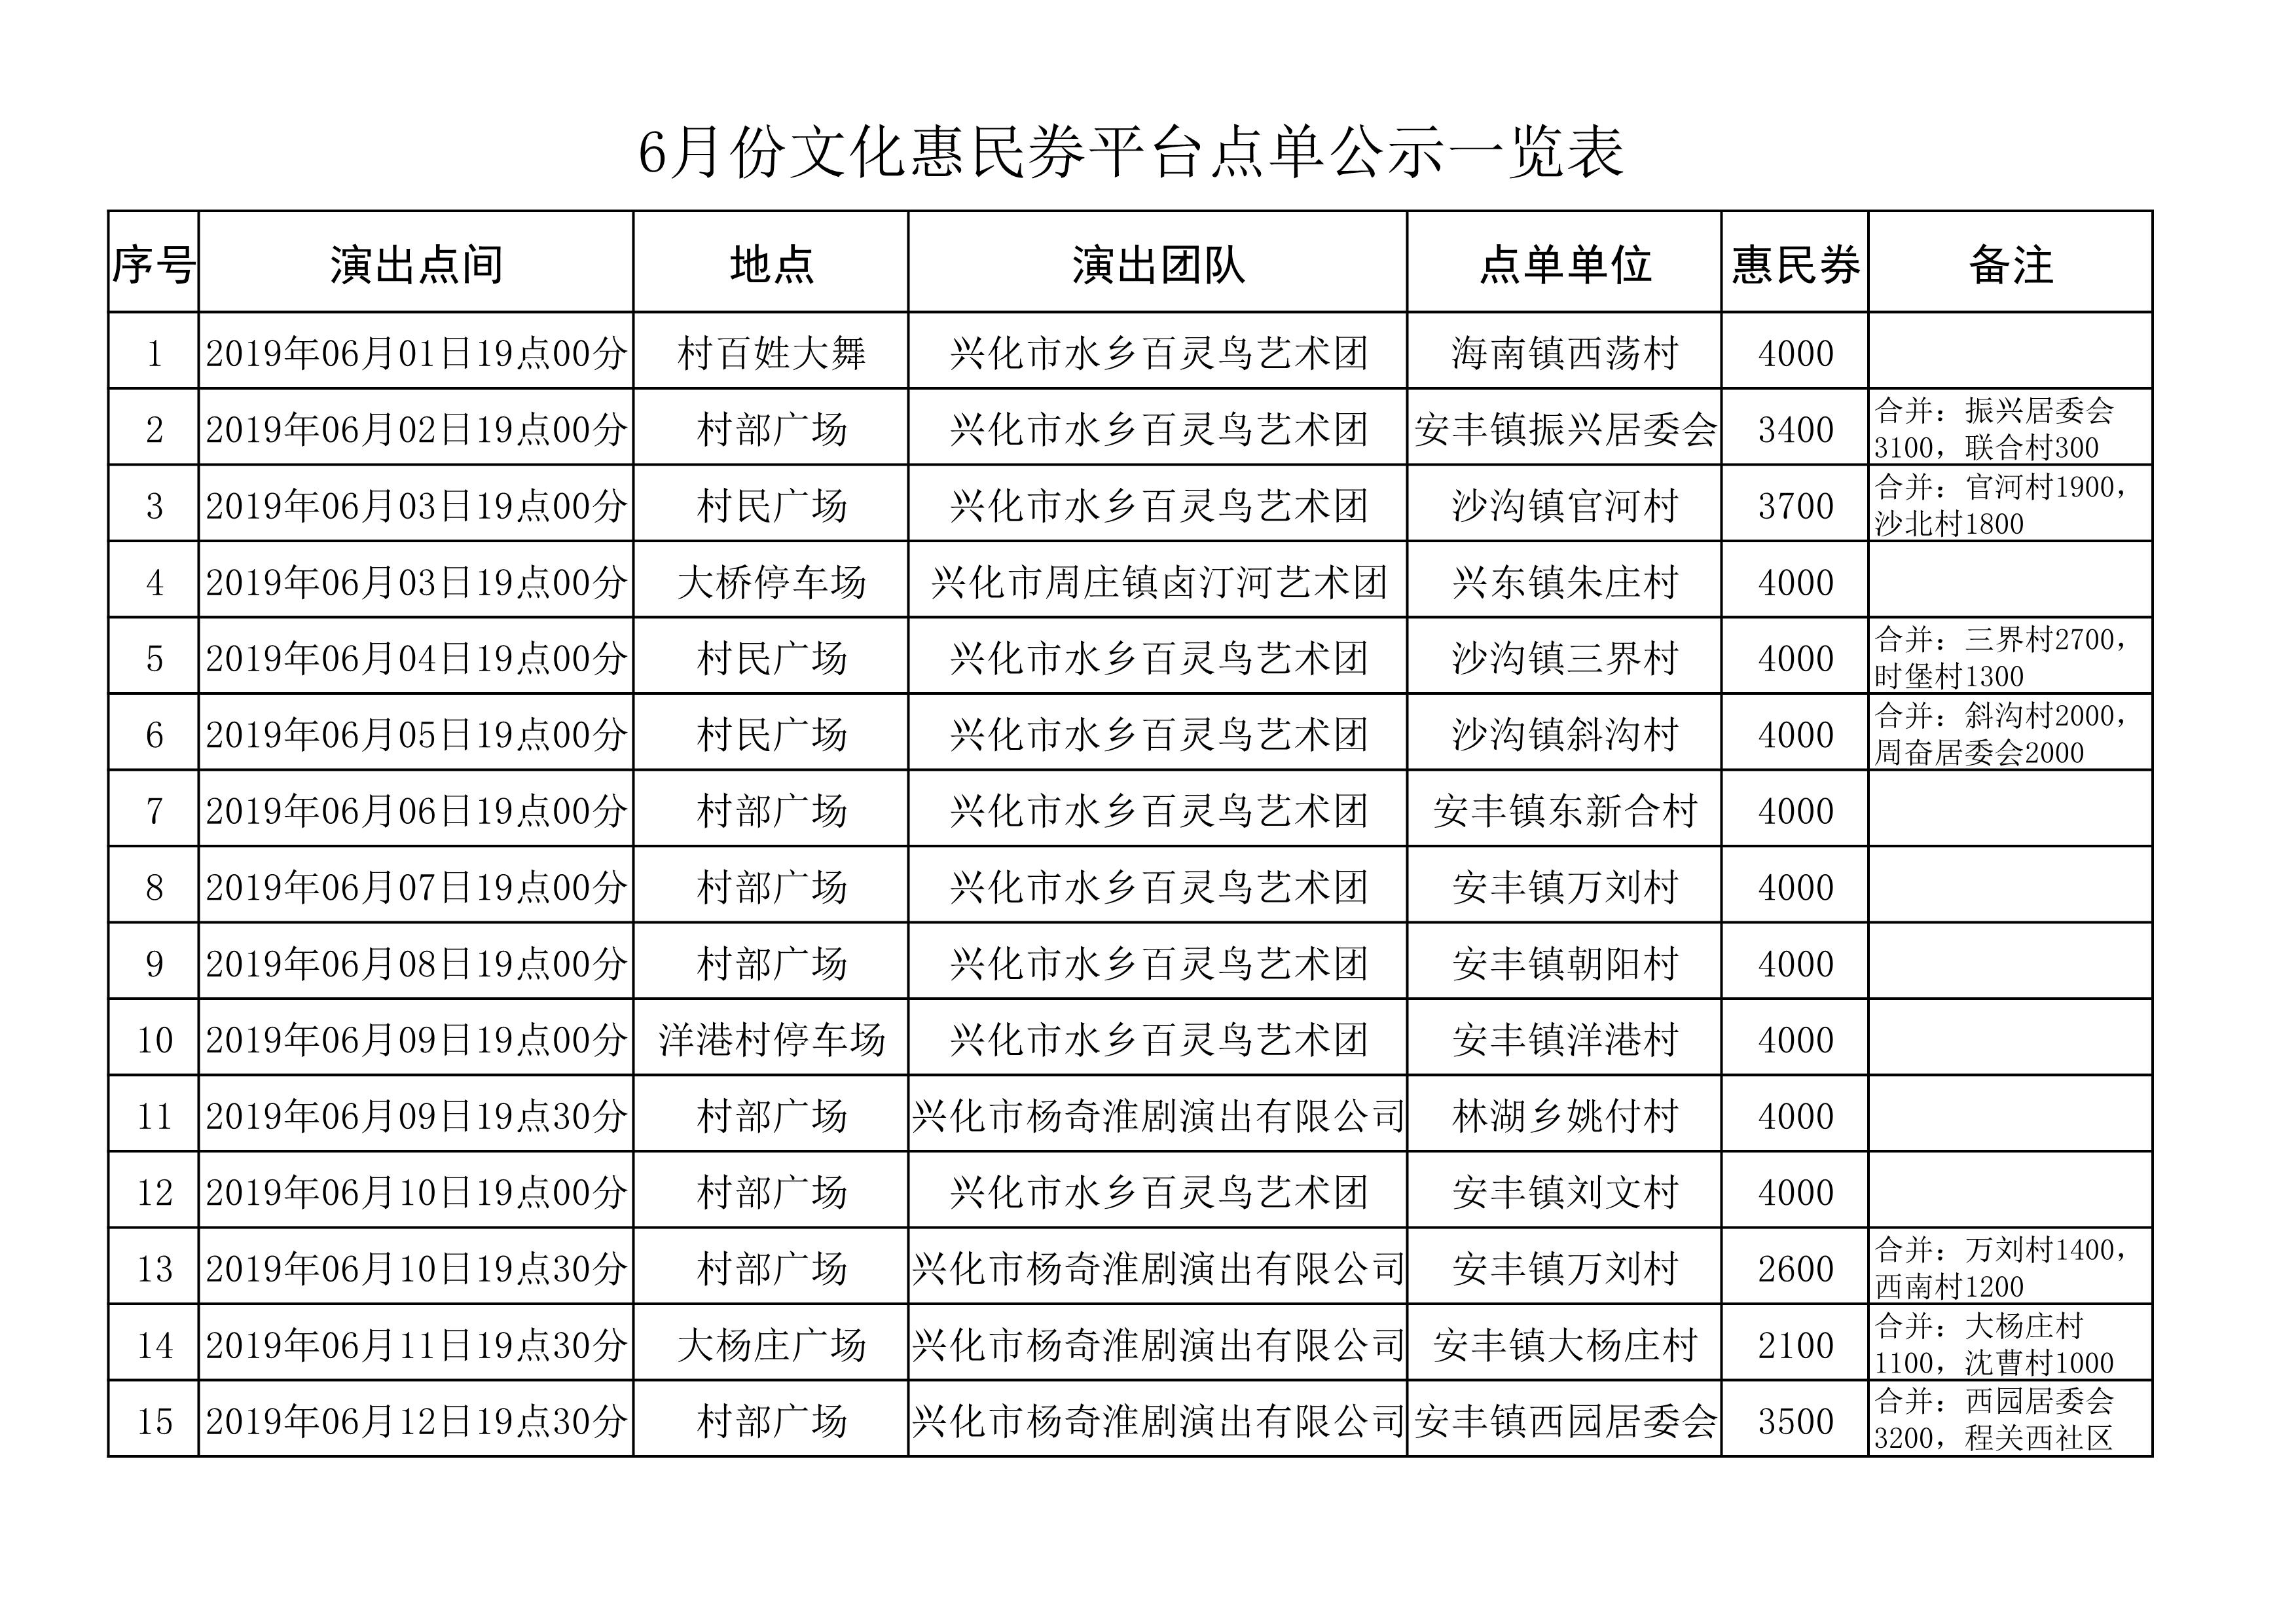 6月份文化惠民券平台点单公示一览表_1.jpg